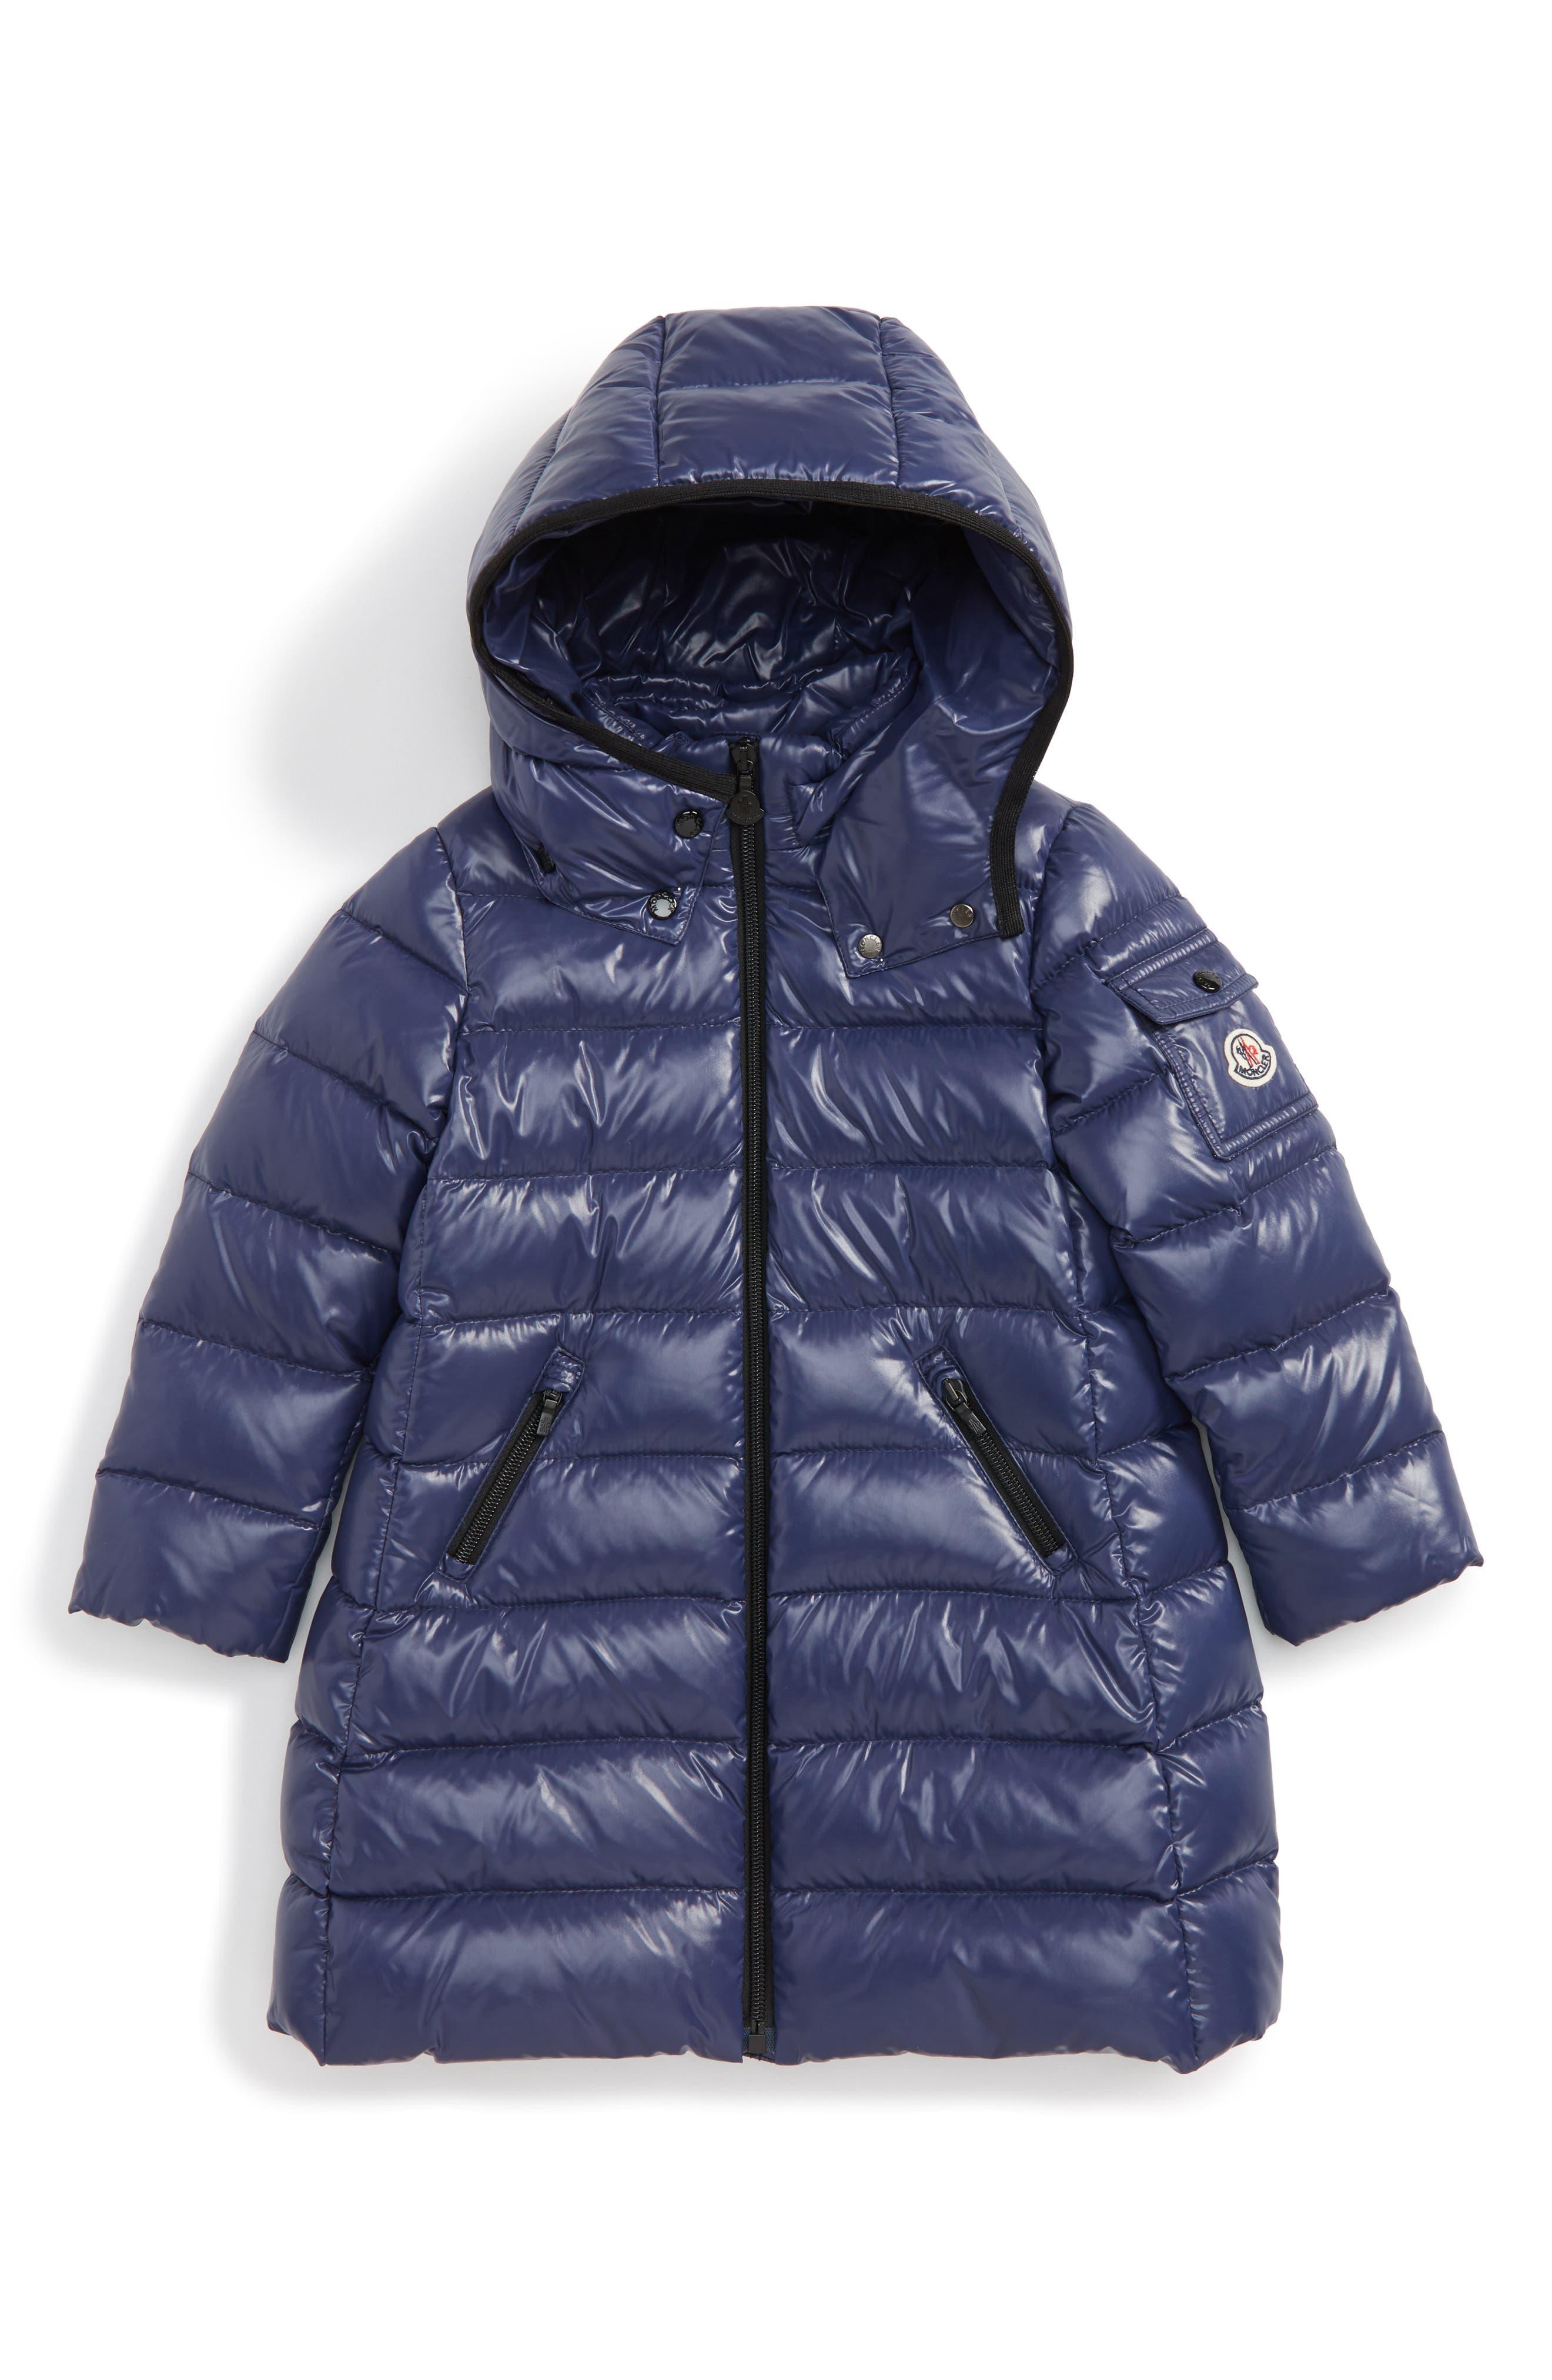 Main Image - Moncler Moka Long Hooded Waterproof Down Jacket (Toddler Girls)